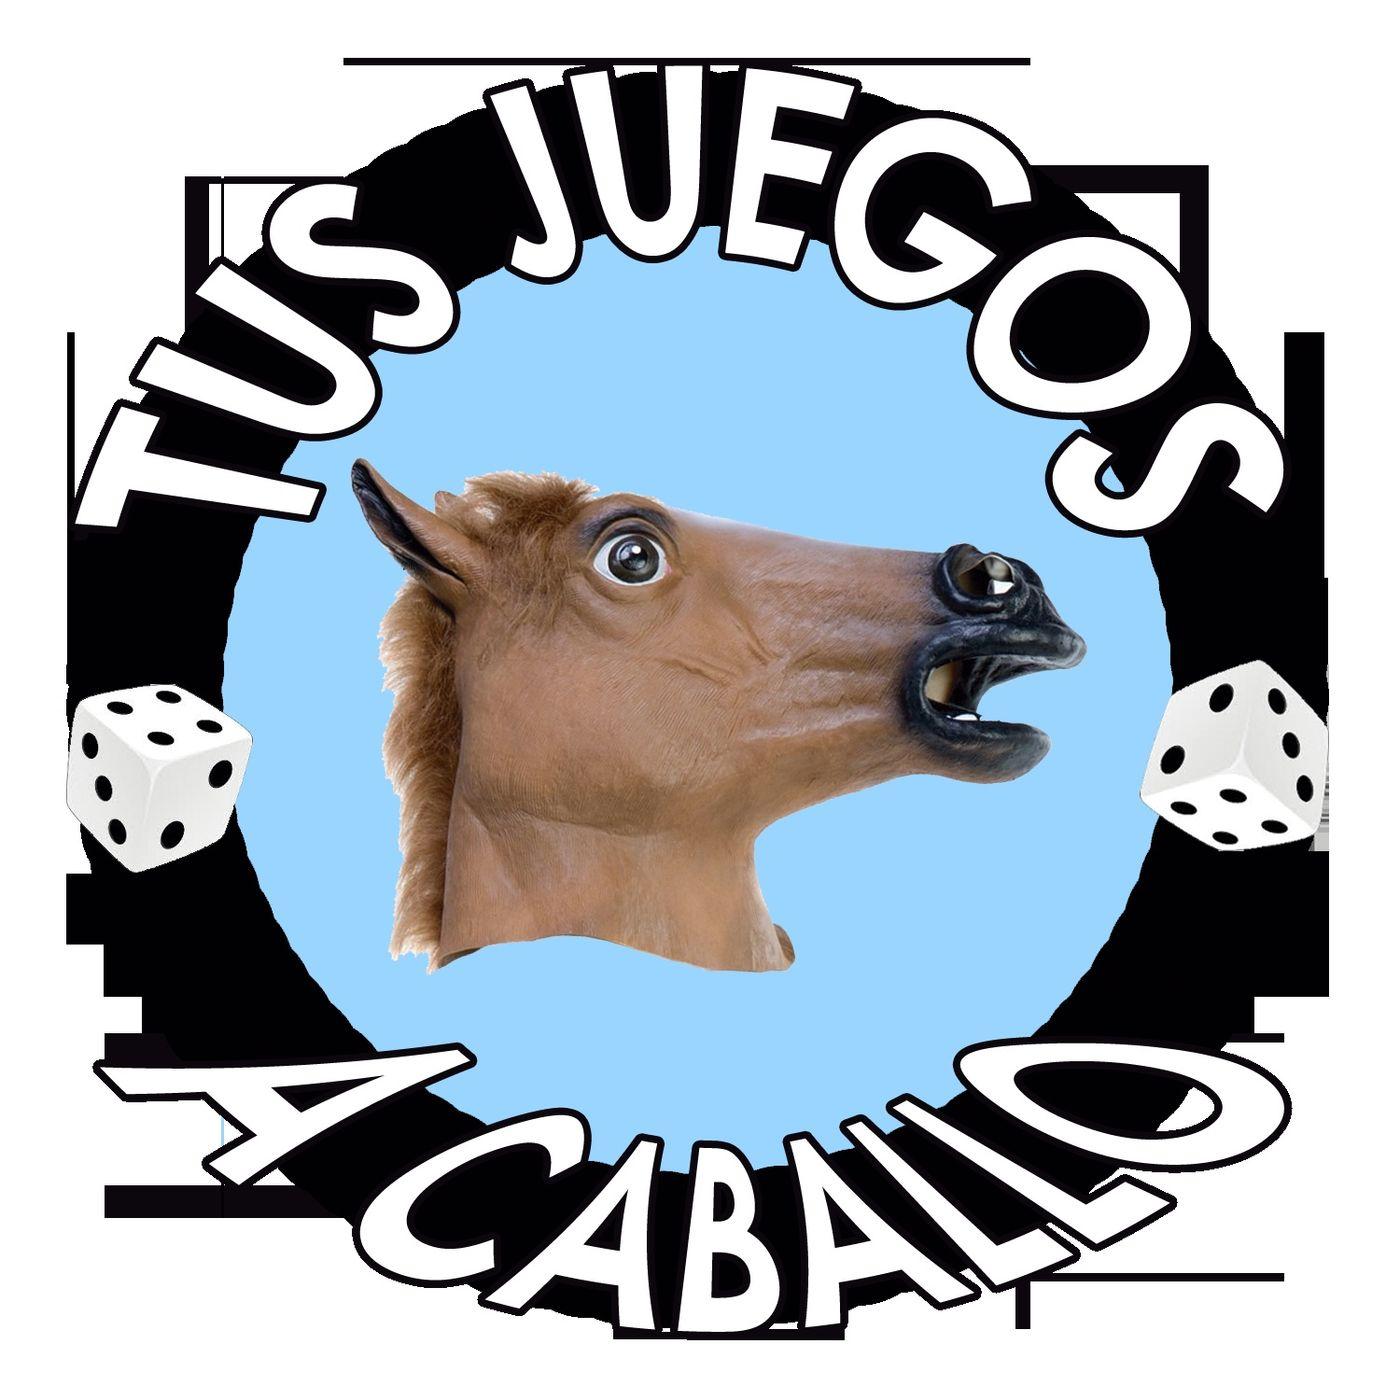 Tus juegos a caballo